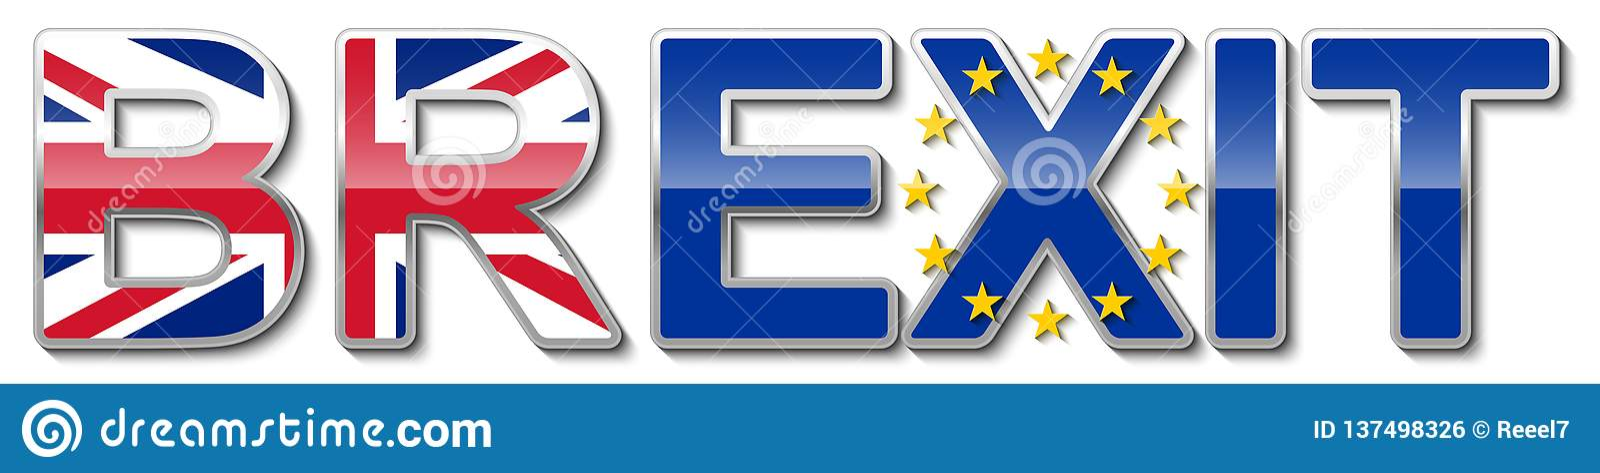 BREXIT - retirada BRITÂNICA da UE